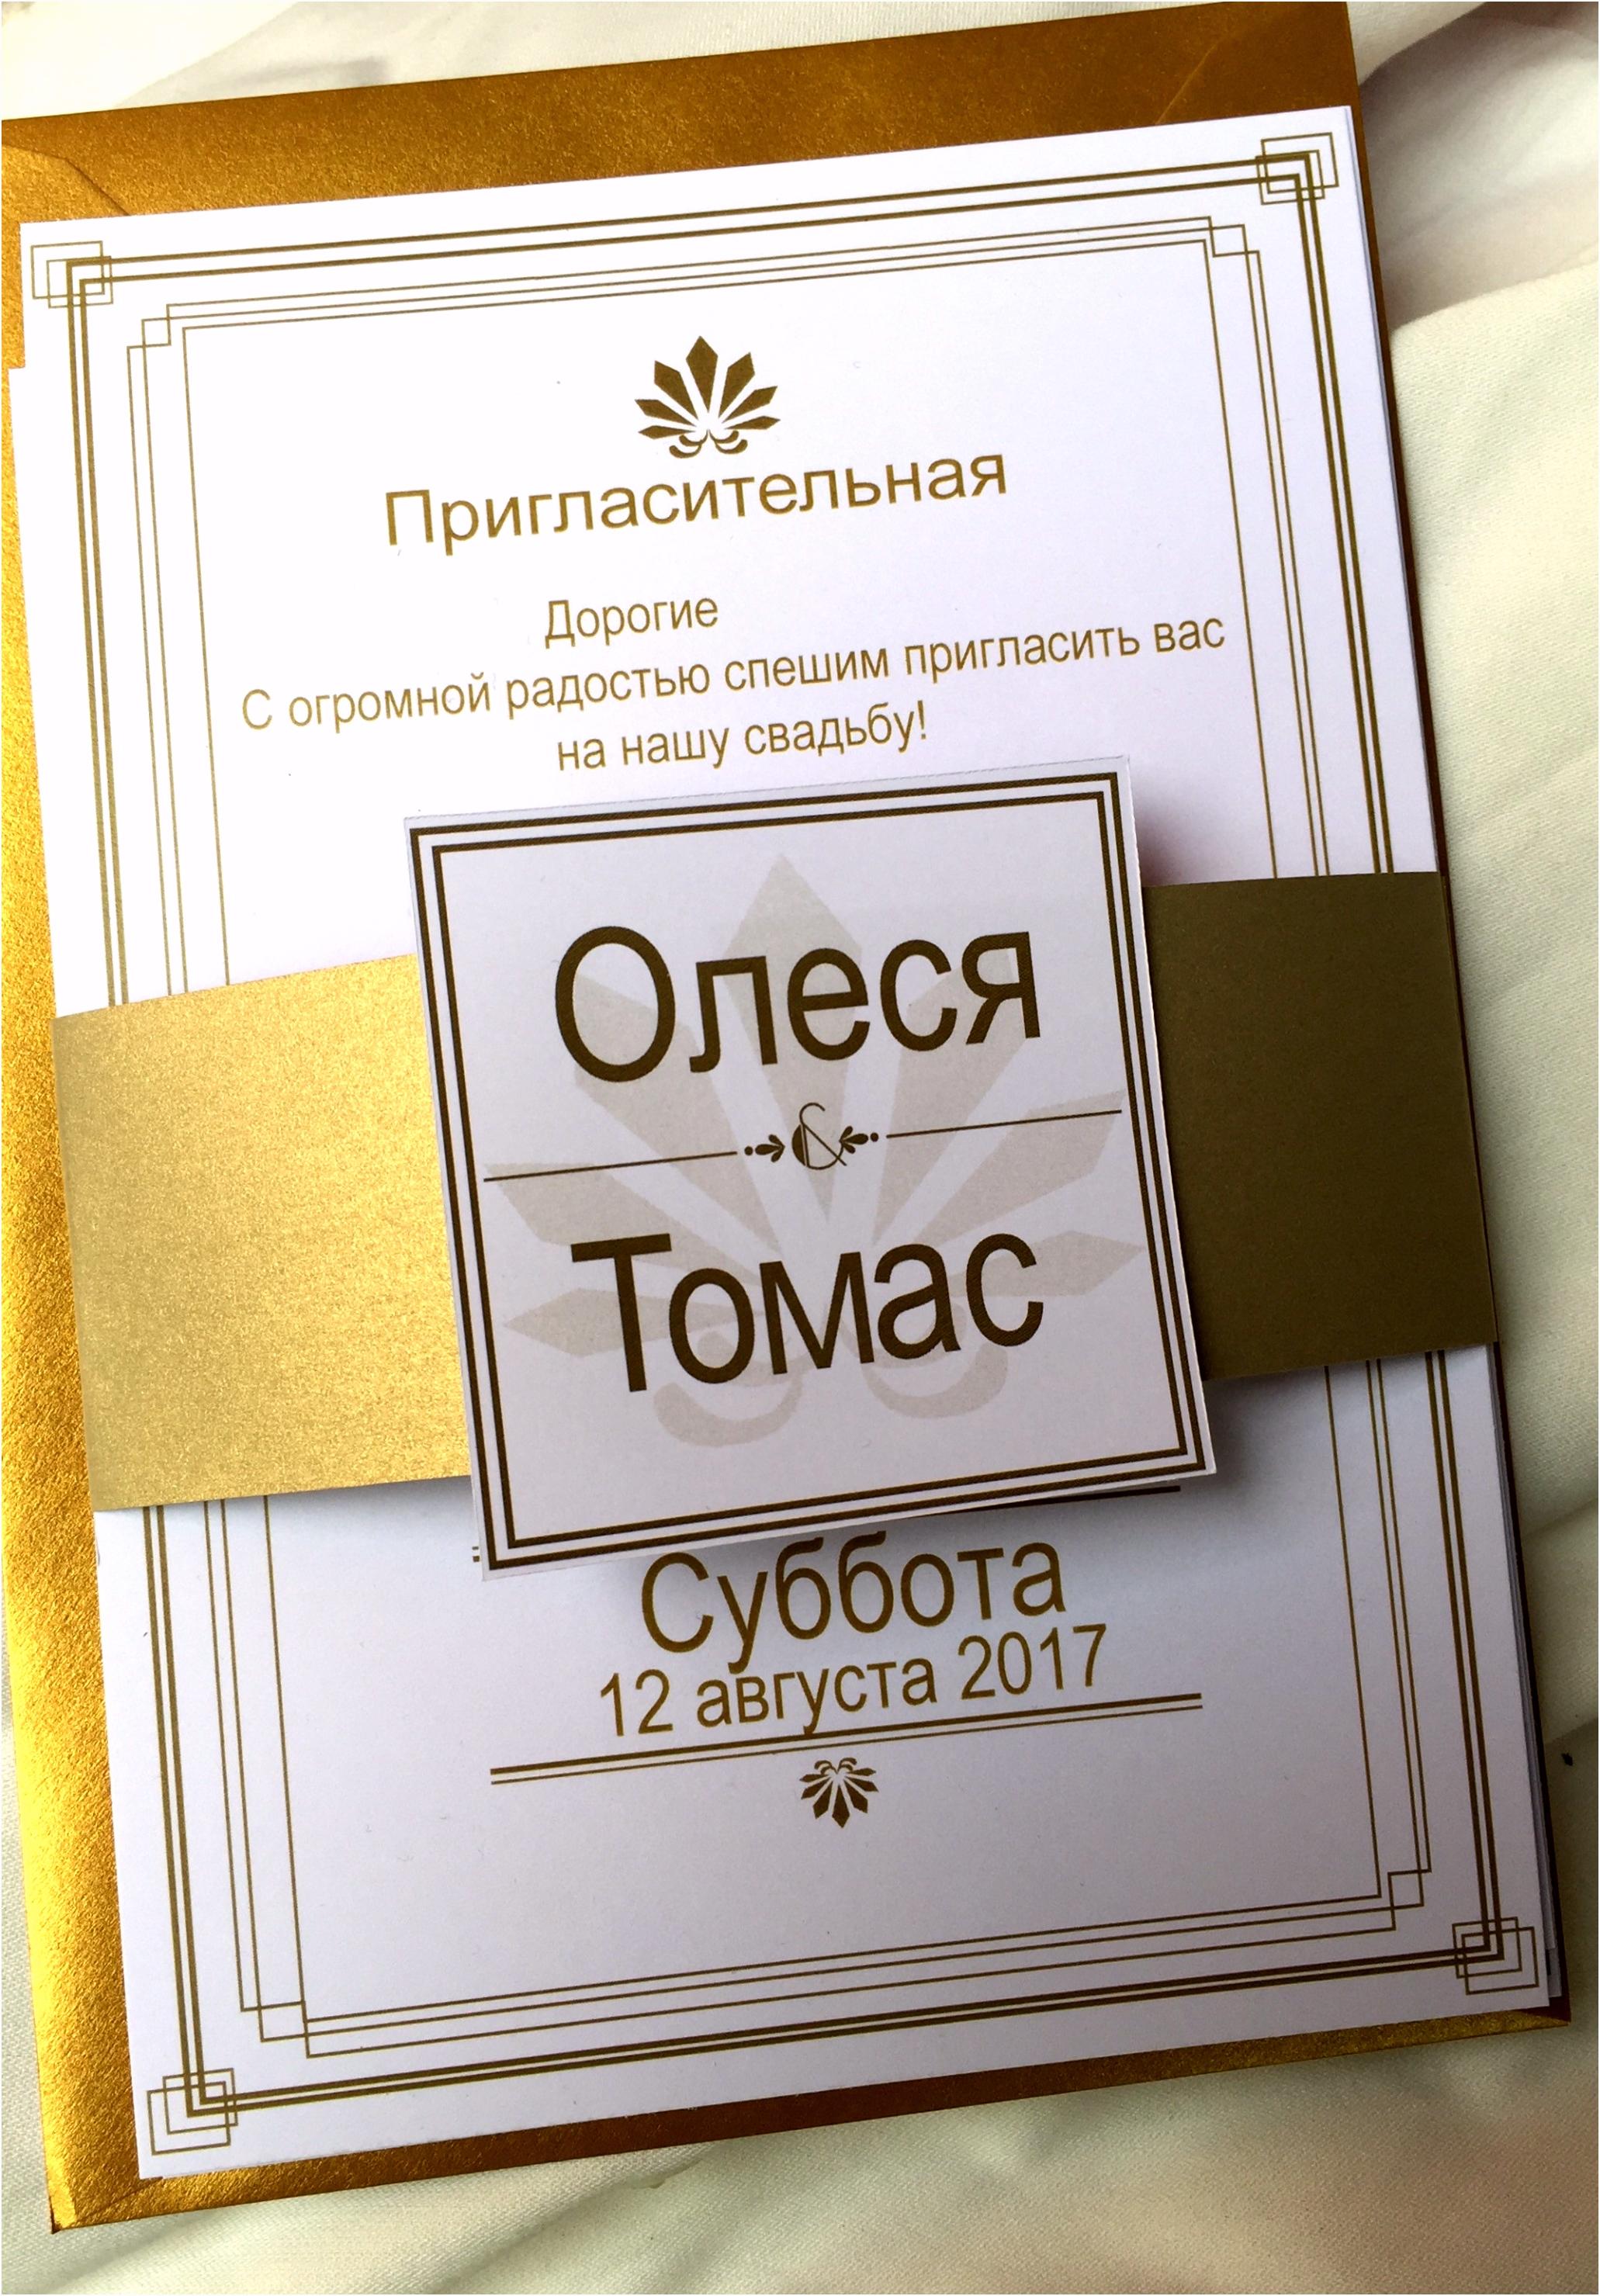 Einladung Hochzeit Marchen Hochzeit Einladung Ablauf Einladung